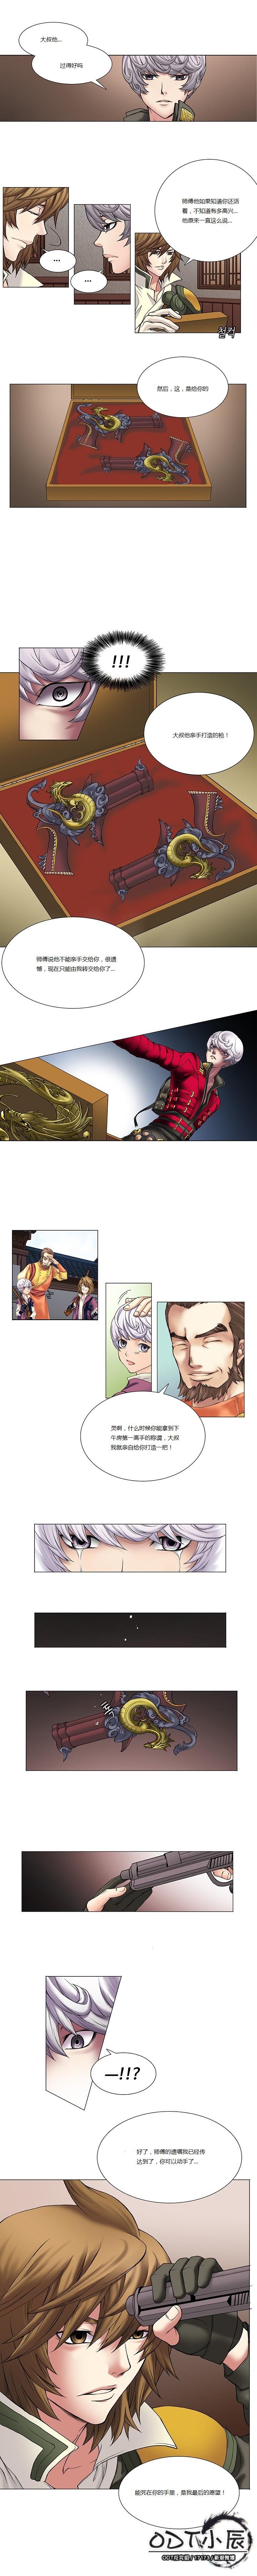 官方漫画《骛天鬼》第2话(7).jpg